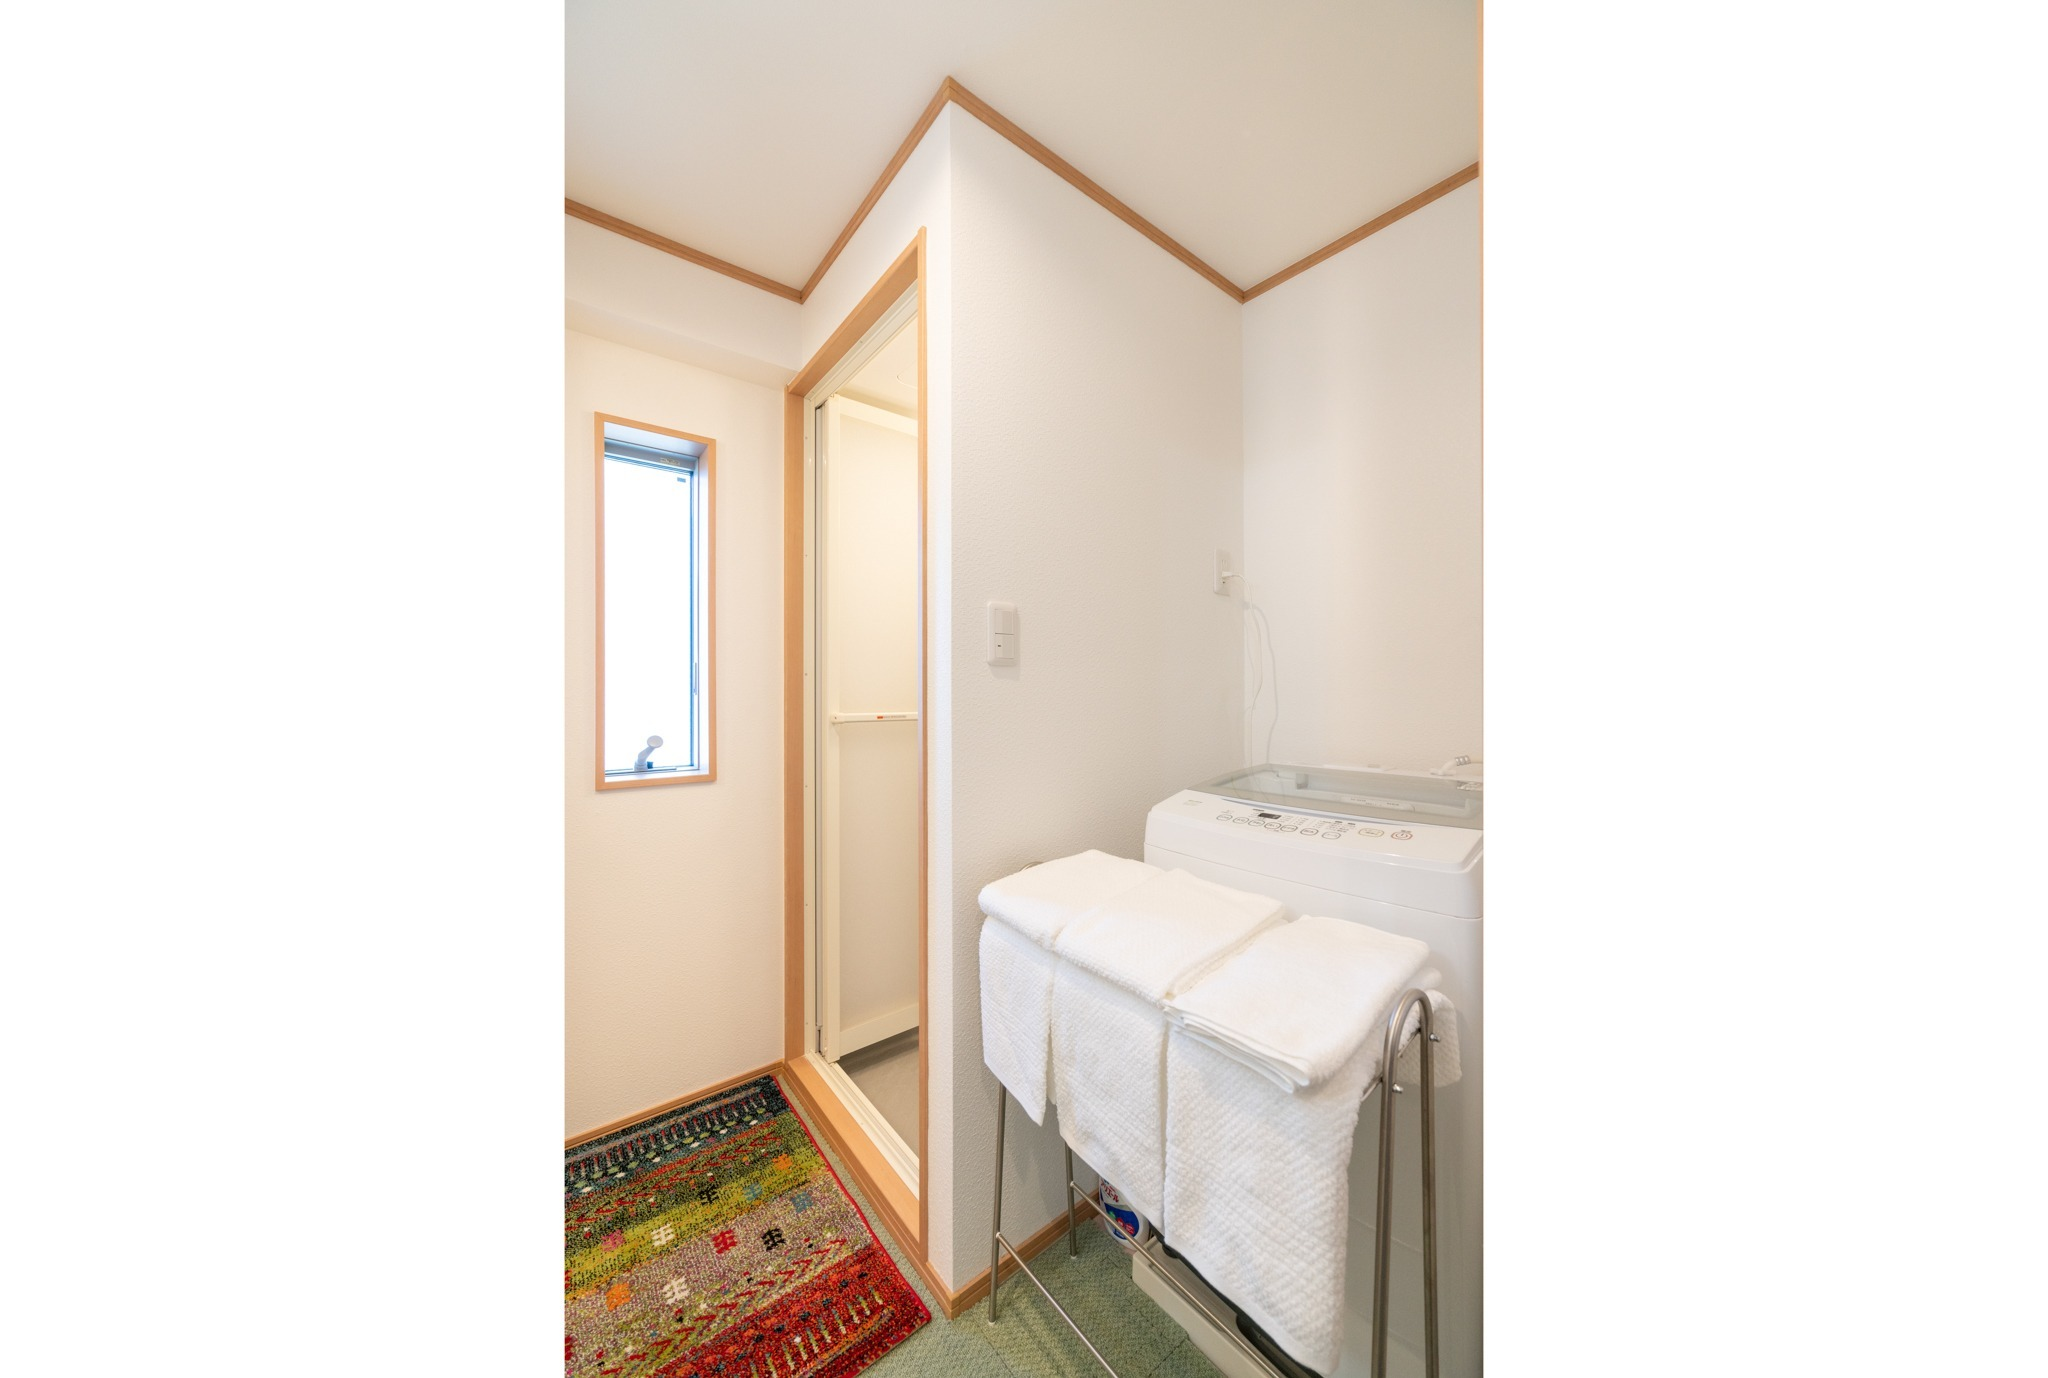 302号室/新建高級住宅/JR線徒歩2分/無料高速Wi-Fi/池袋17分新宿27分